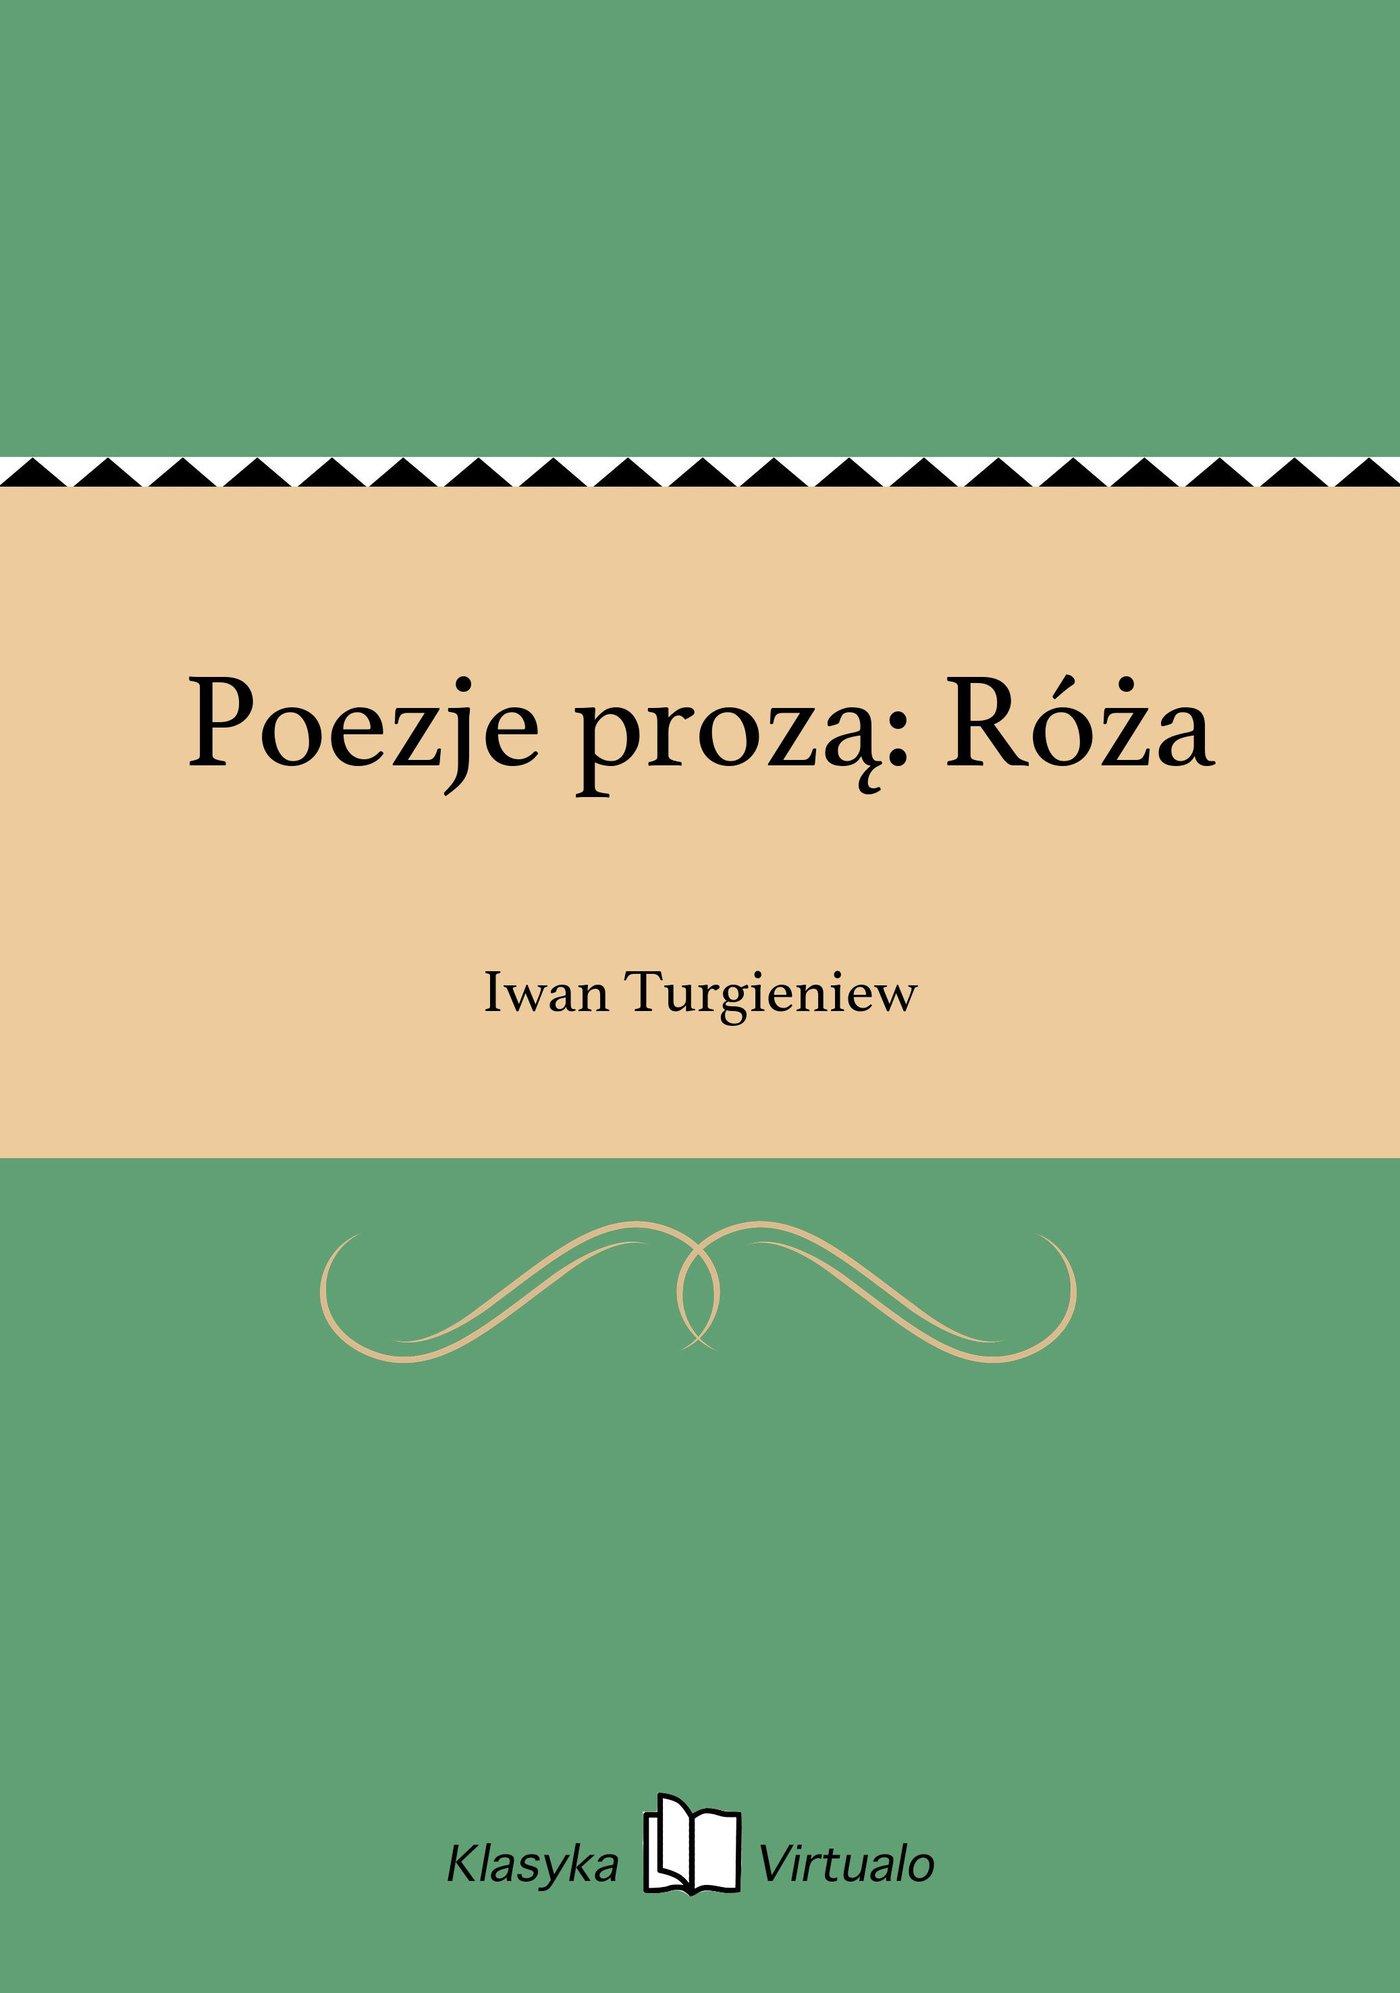 Poezje prozą: Róża - Ebook (Książka EPUB) do pobrania w formacie EPUB